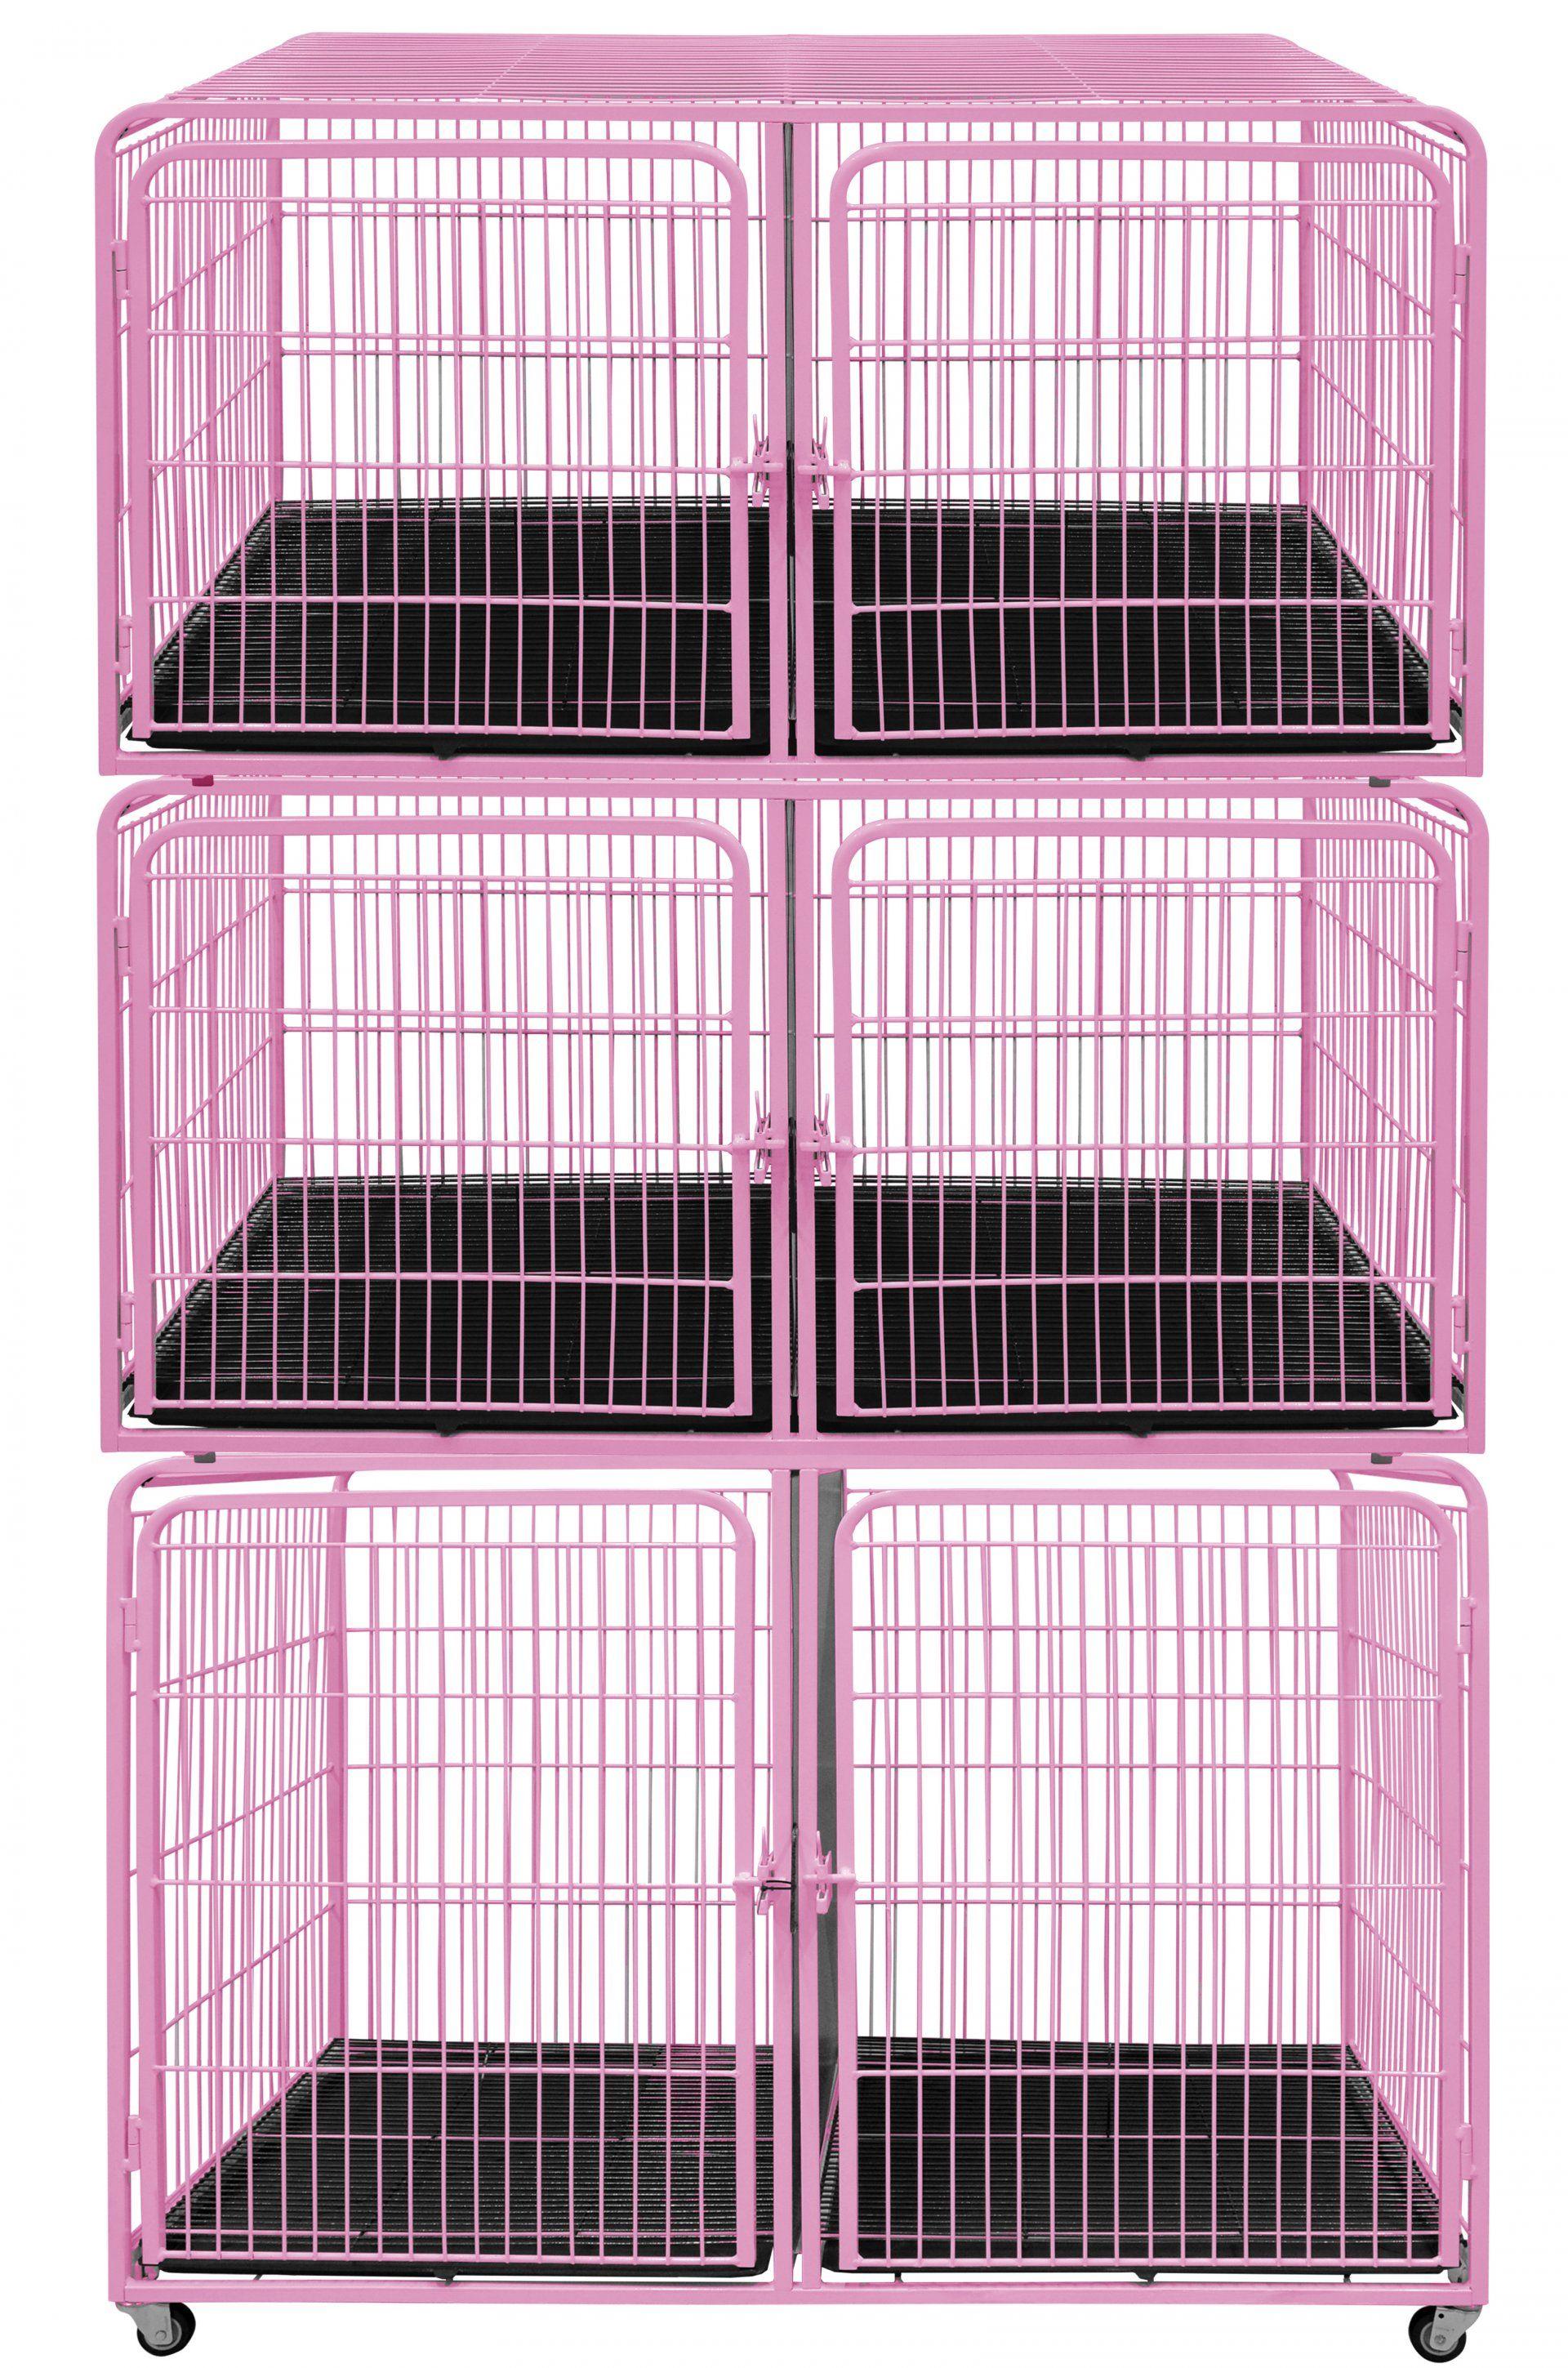 Canil/Gatil de 06 Lugares para Banho e Tosa e Pet Shop em Aço